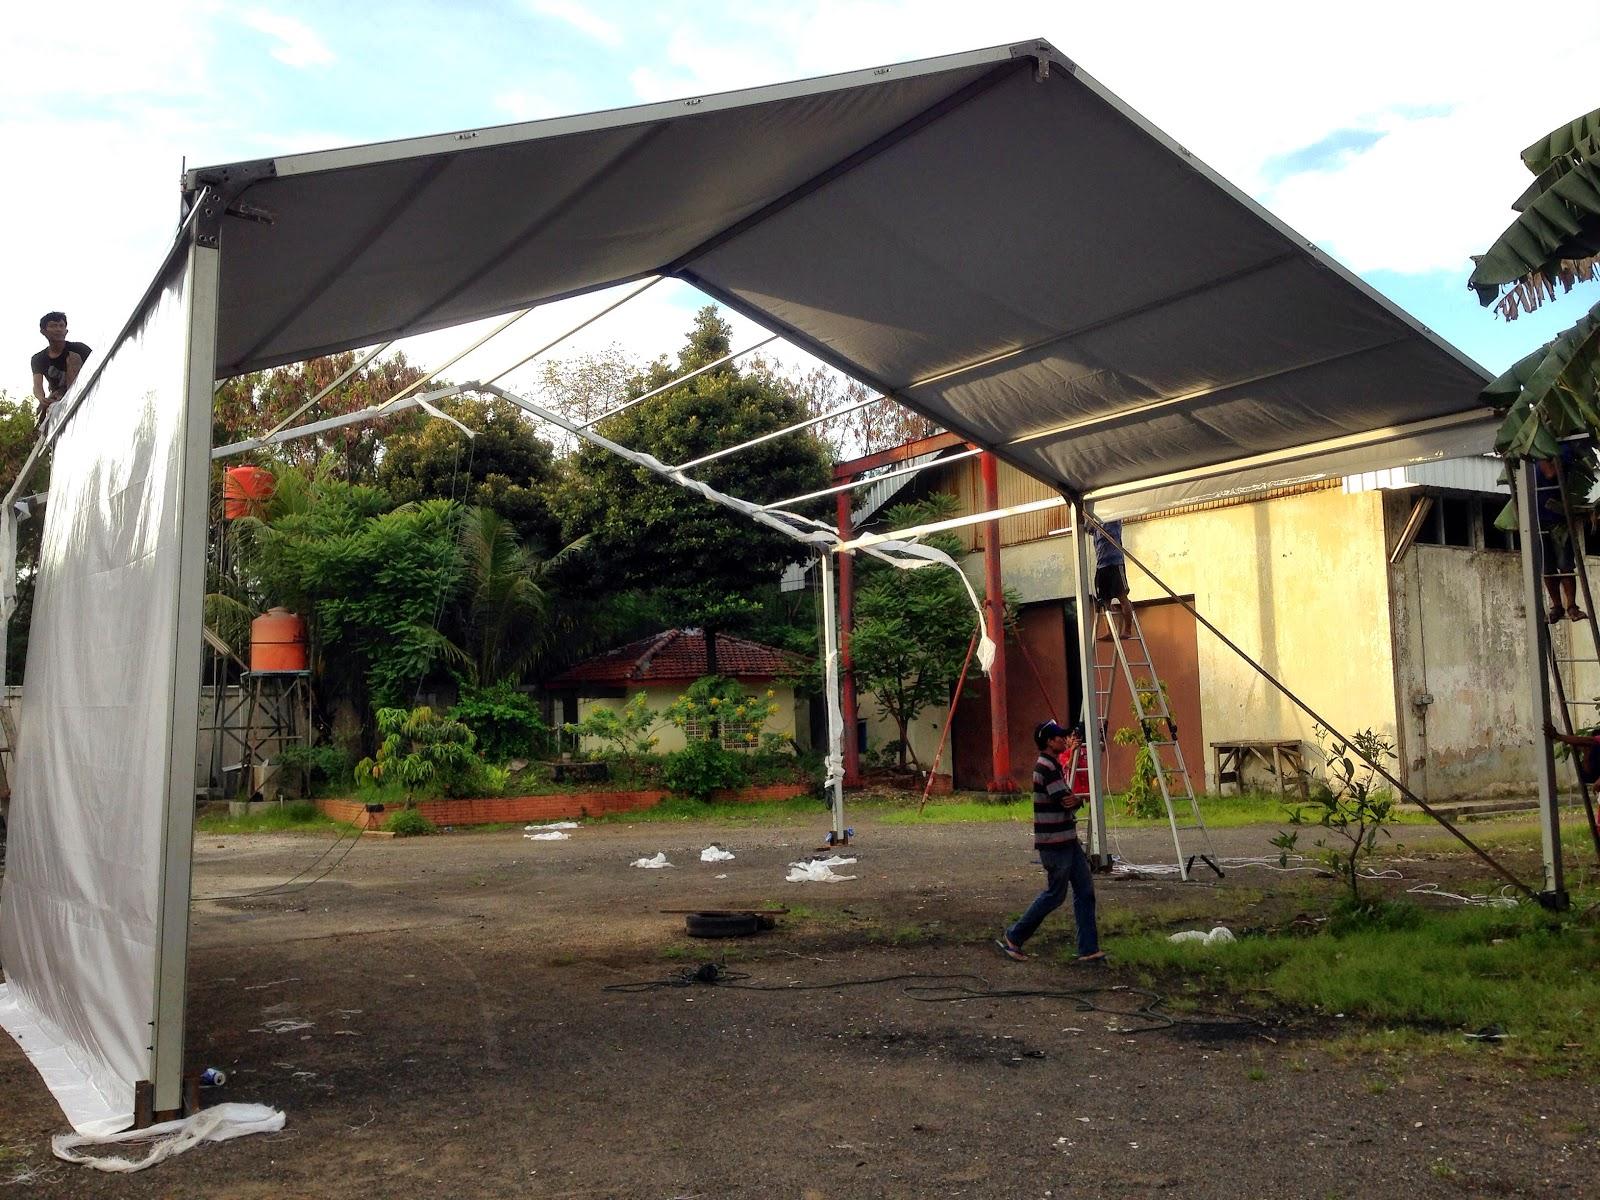 Tenda co id Menjual Tenda Terpal Harga Tenda Pabrik